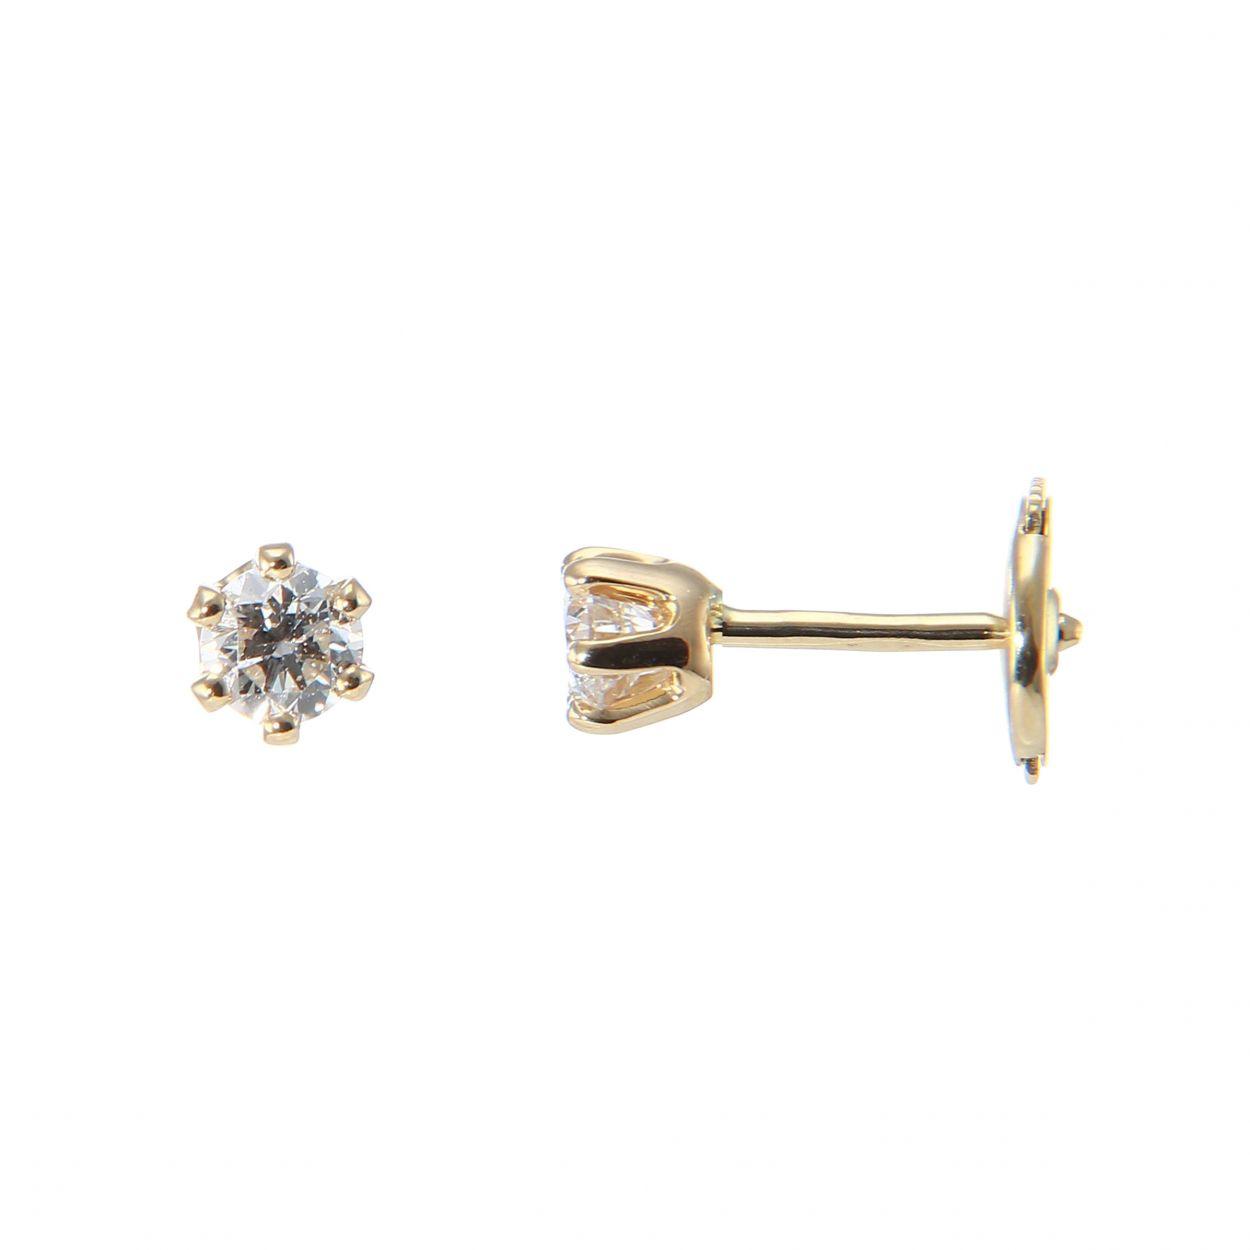 boucle d'oreille or diamant